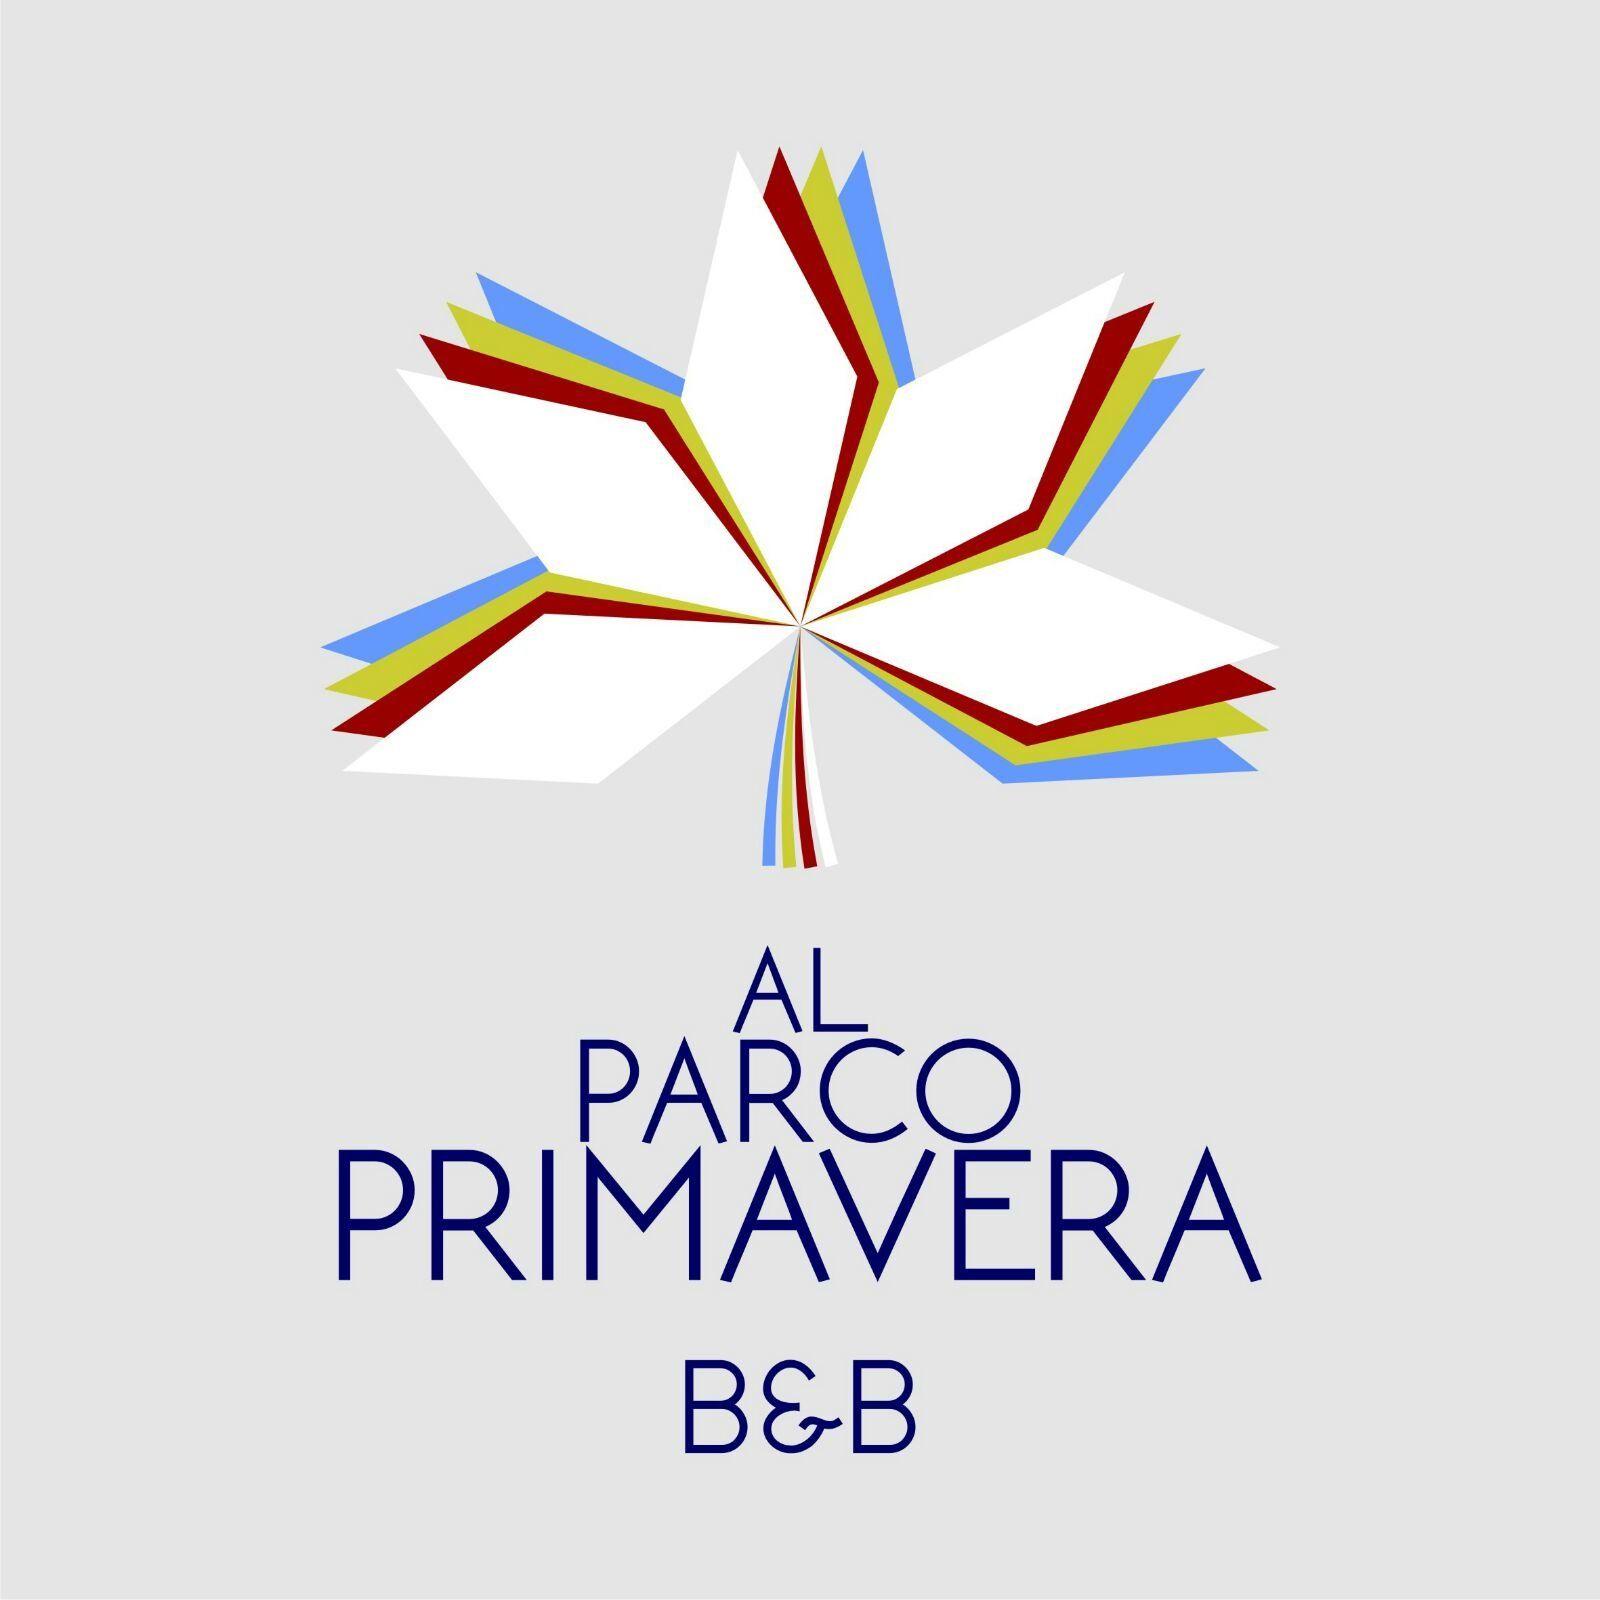 알 파르코 프리마베라 B&B